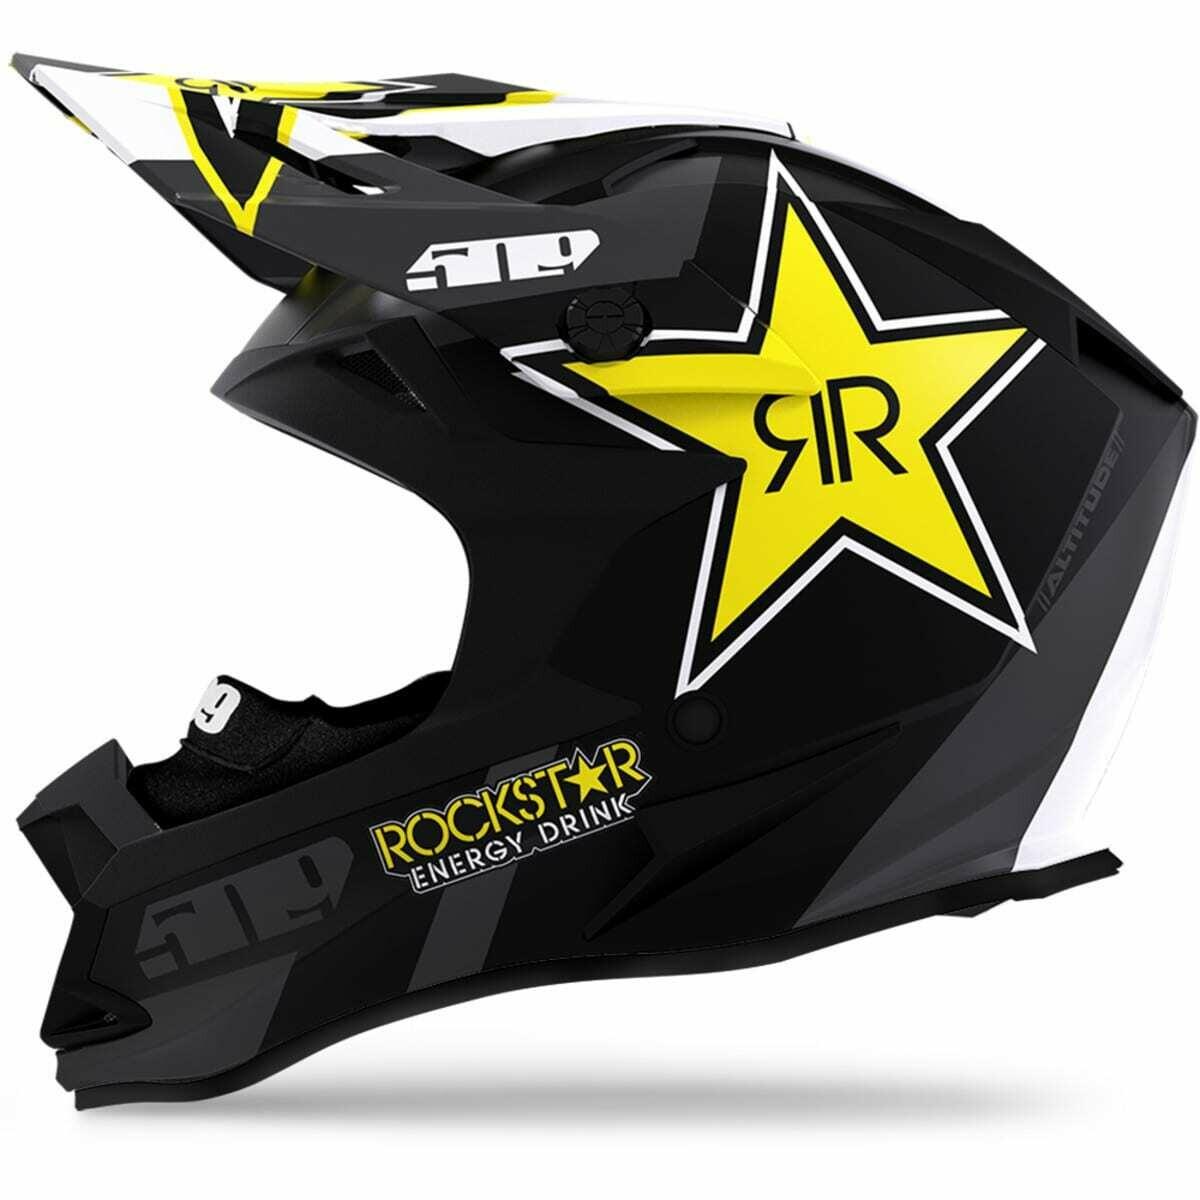 Шлем 509 ALTITUDE Fildlock, взрослые Rockstar XL